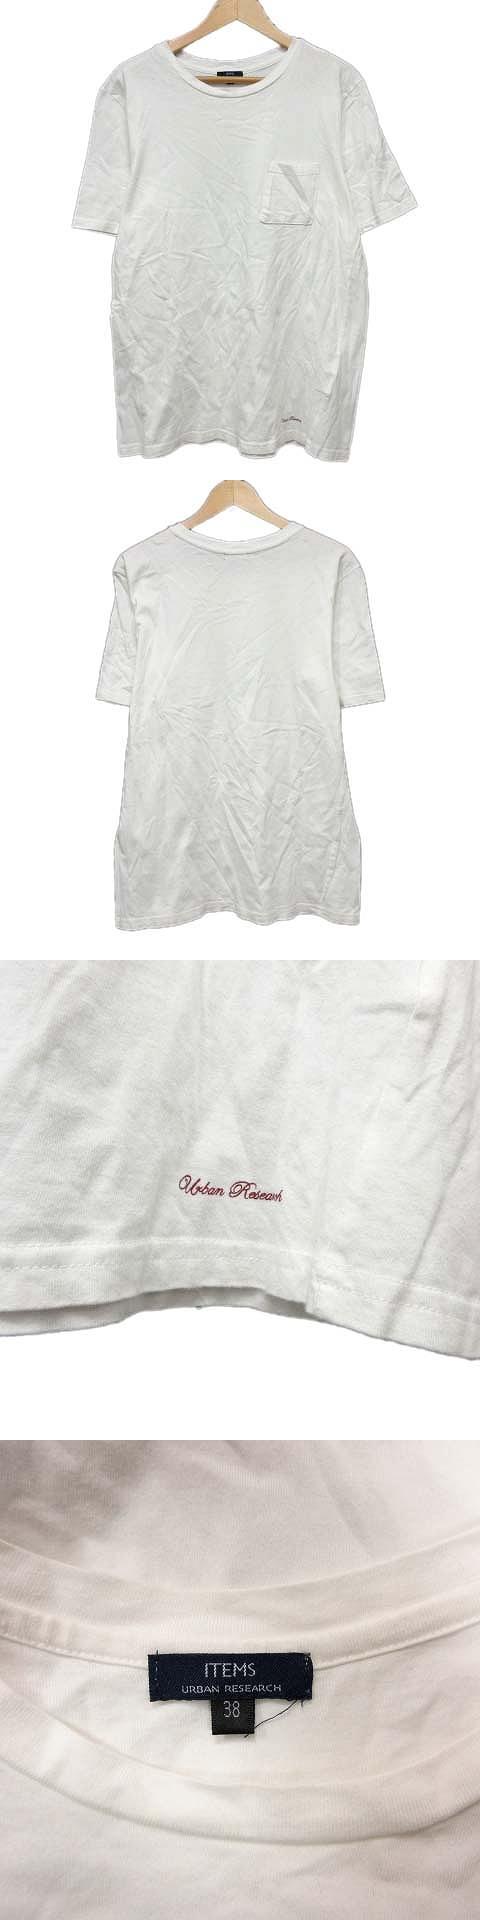 Tシャツ 半袖 ロゴ 胸ポケ カットソー 38 白 ホワイト/19